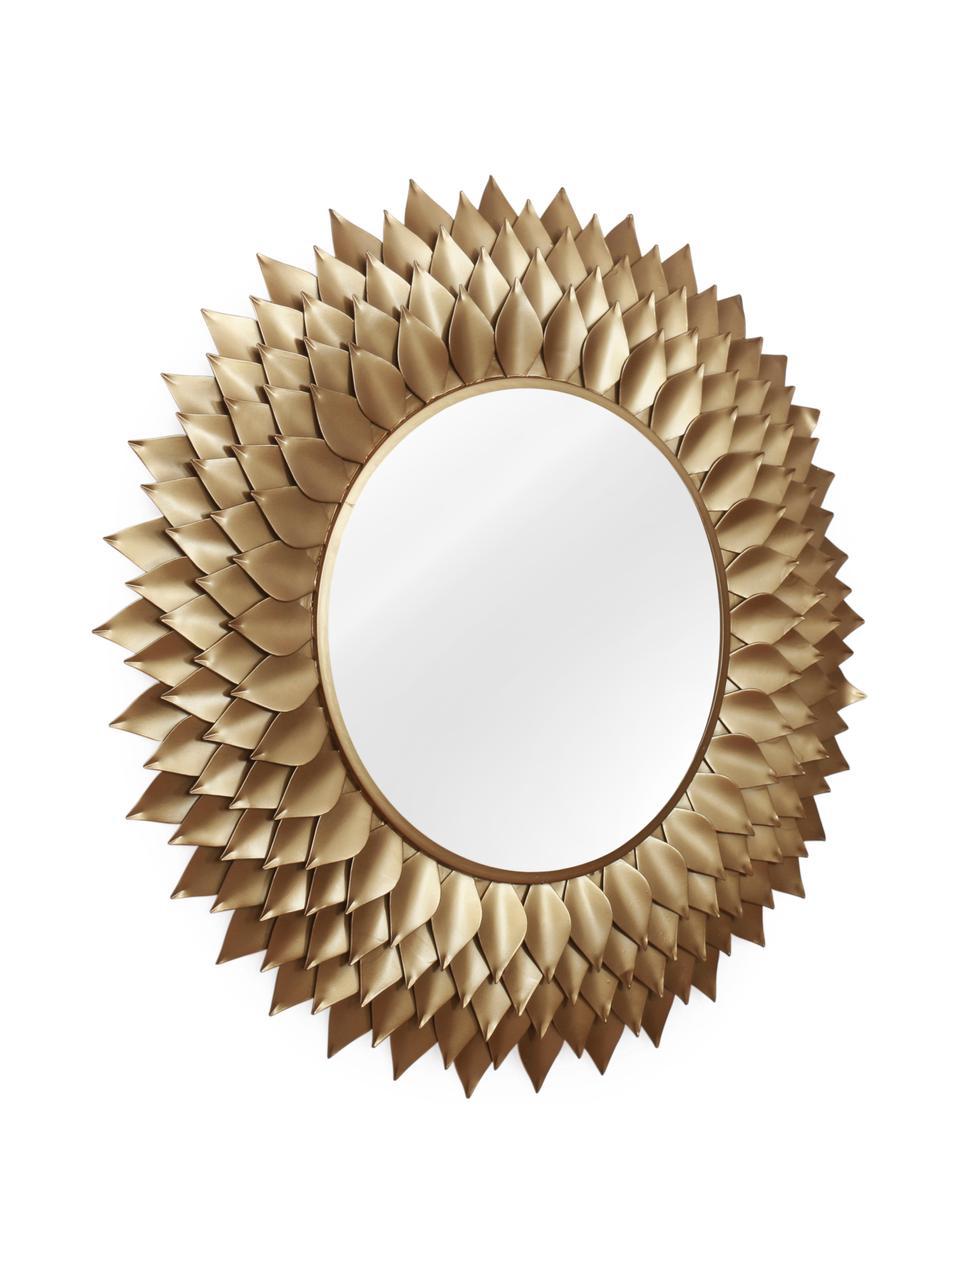 Runder Wandspiegel Petal mit goldenem Metallrahmen, Rahmen: Metall, beschichtet, Spiegelfläche: Spiegelglas, Goldfarben, Ø 95 x T 4 cm